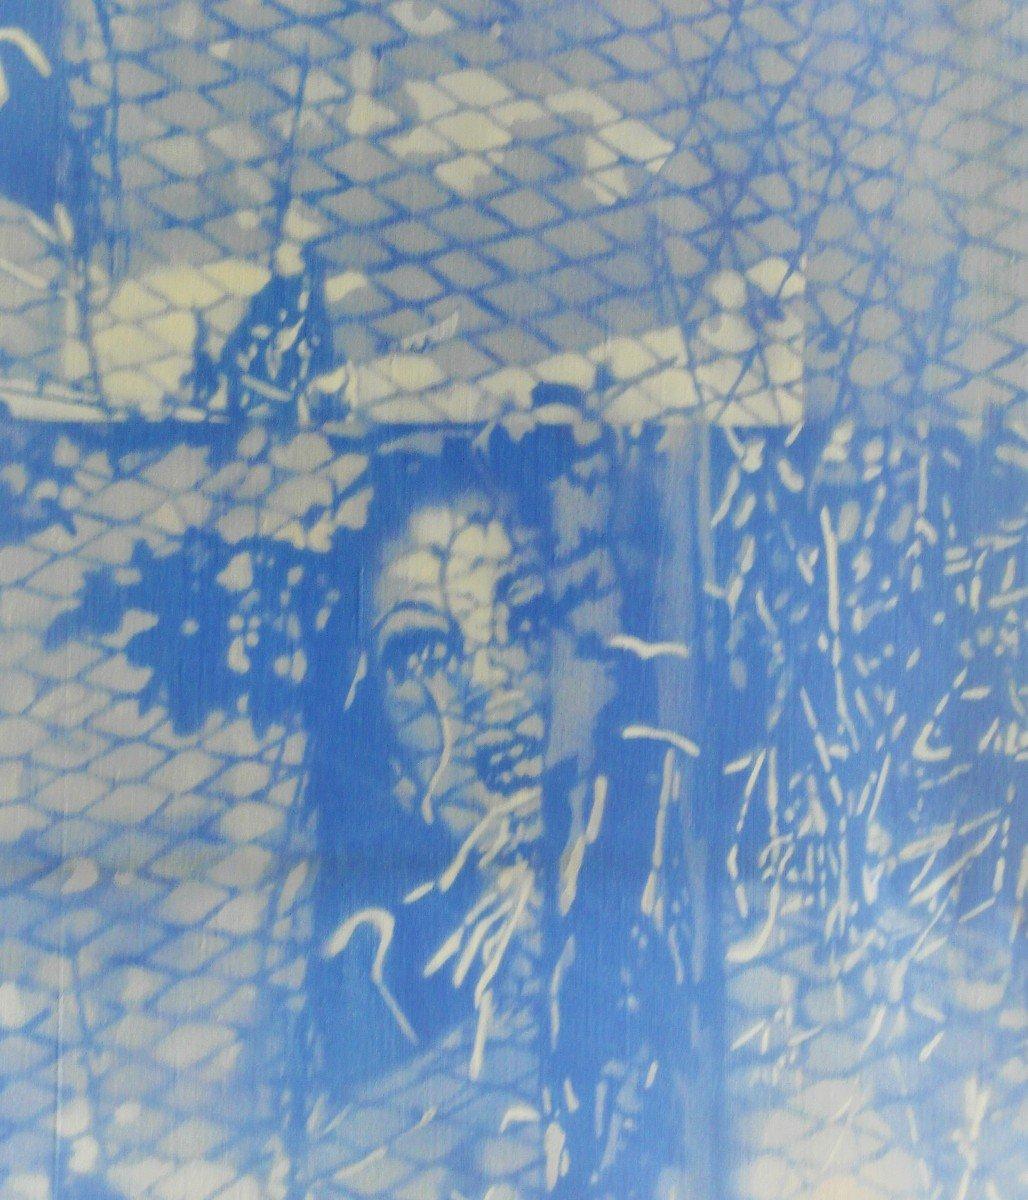 Tableau De Le Boul'ch. Acrylique Sur Toile. Sbg. V1438.-photo-3